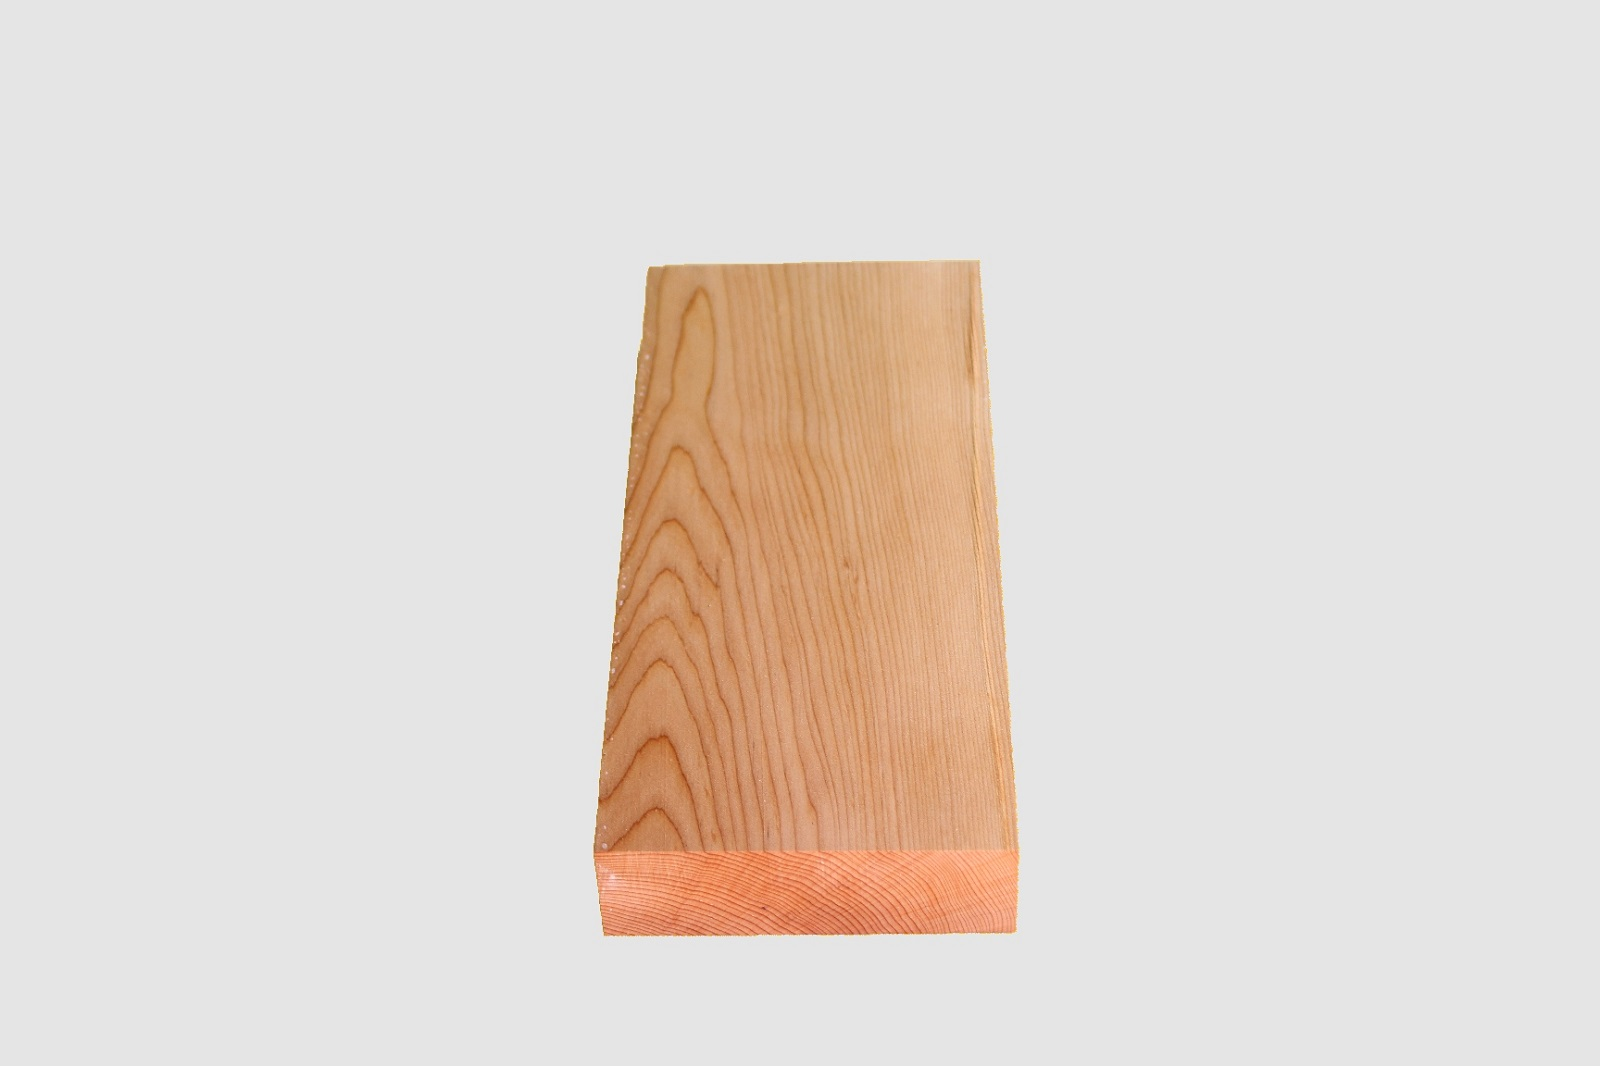 【62】表札板(オンコ)【厚さ約3.2-3.5cm】